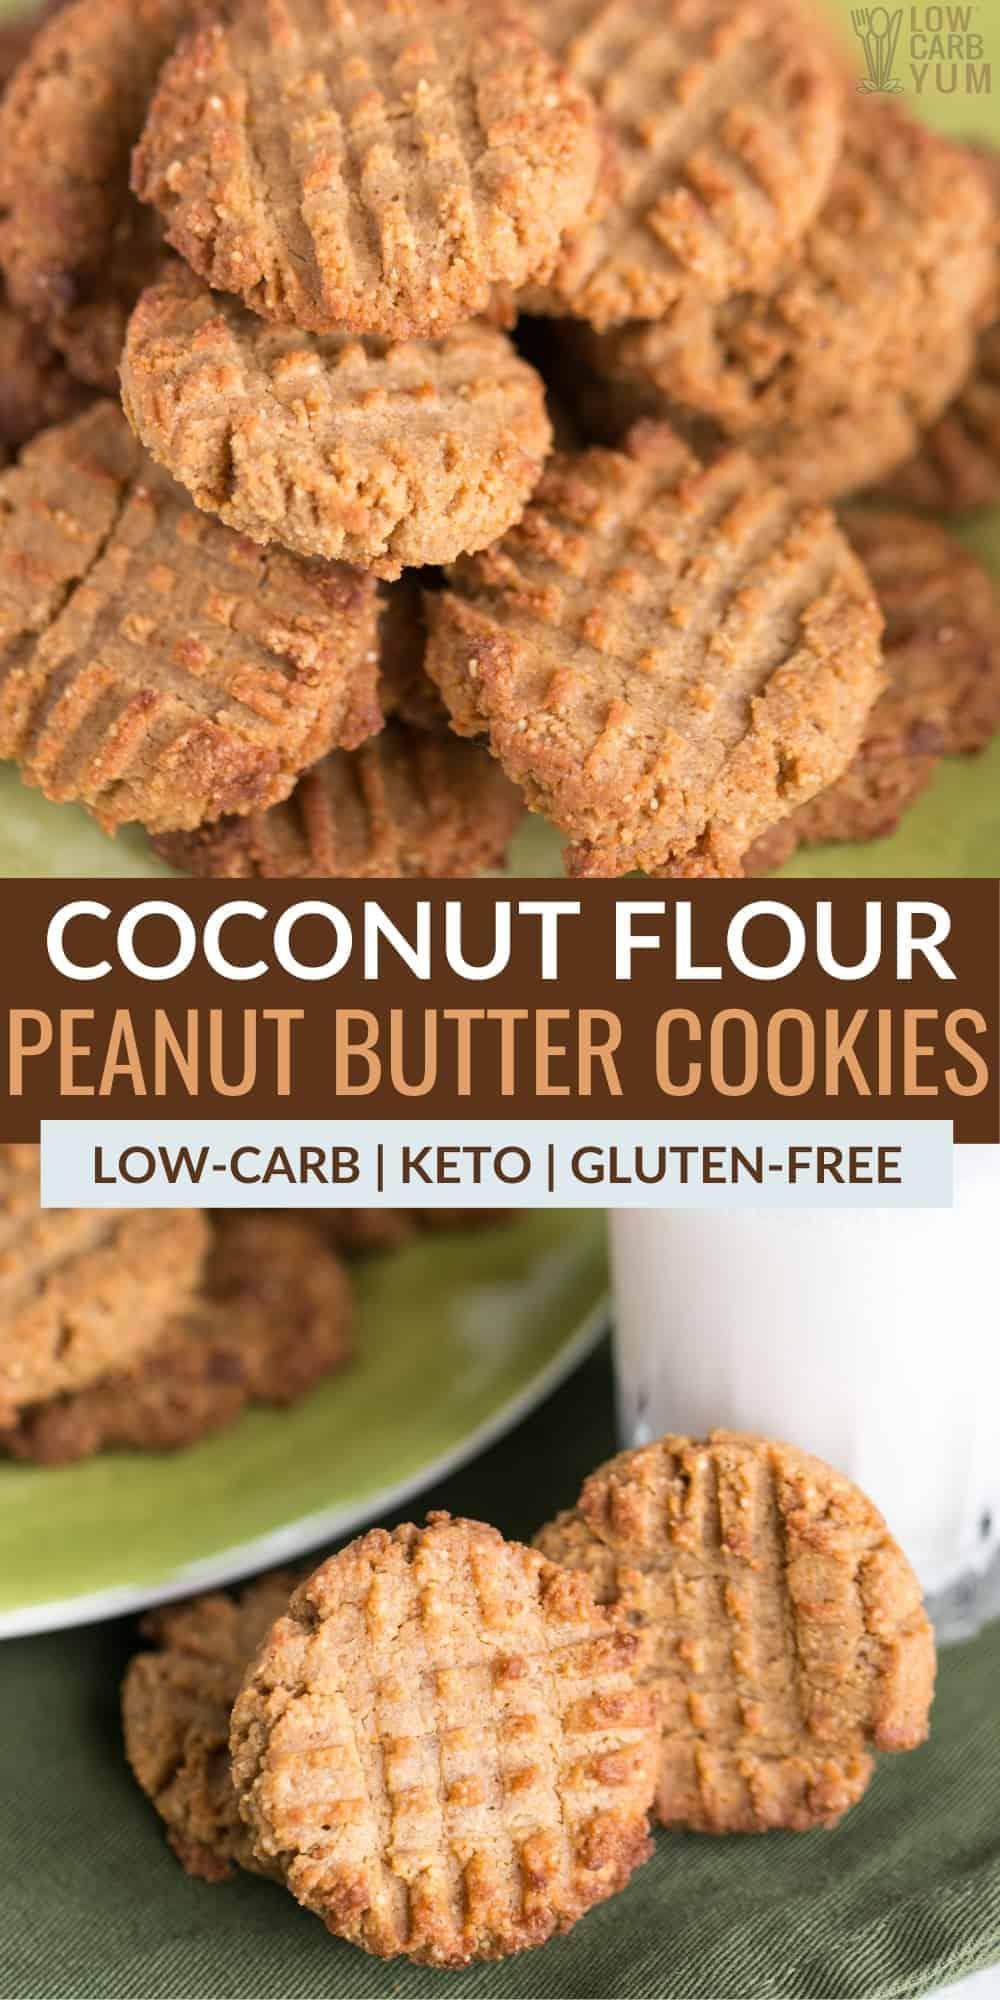 coconut flour keto peanut butter cookies pinterest image